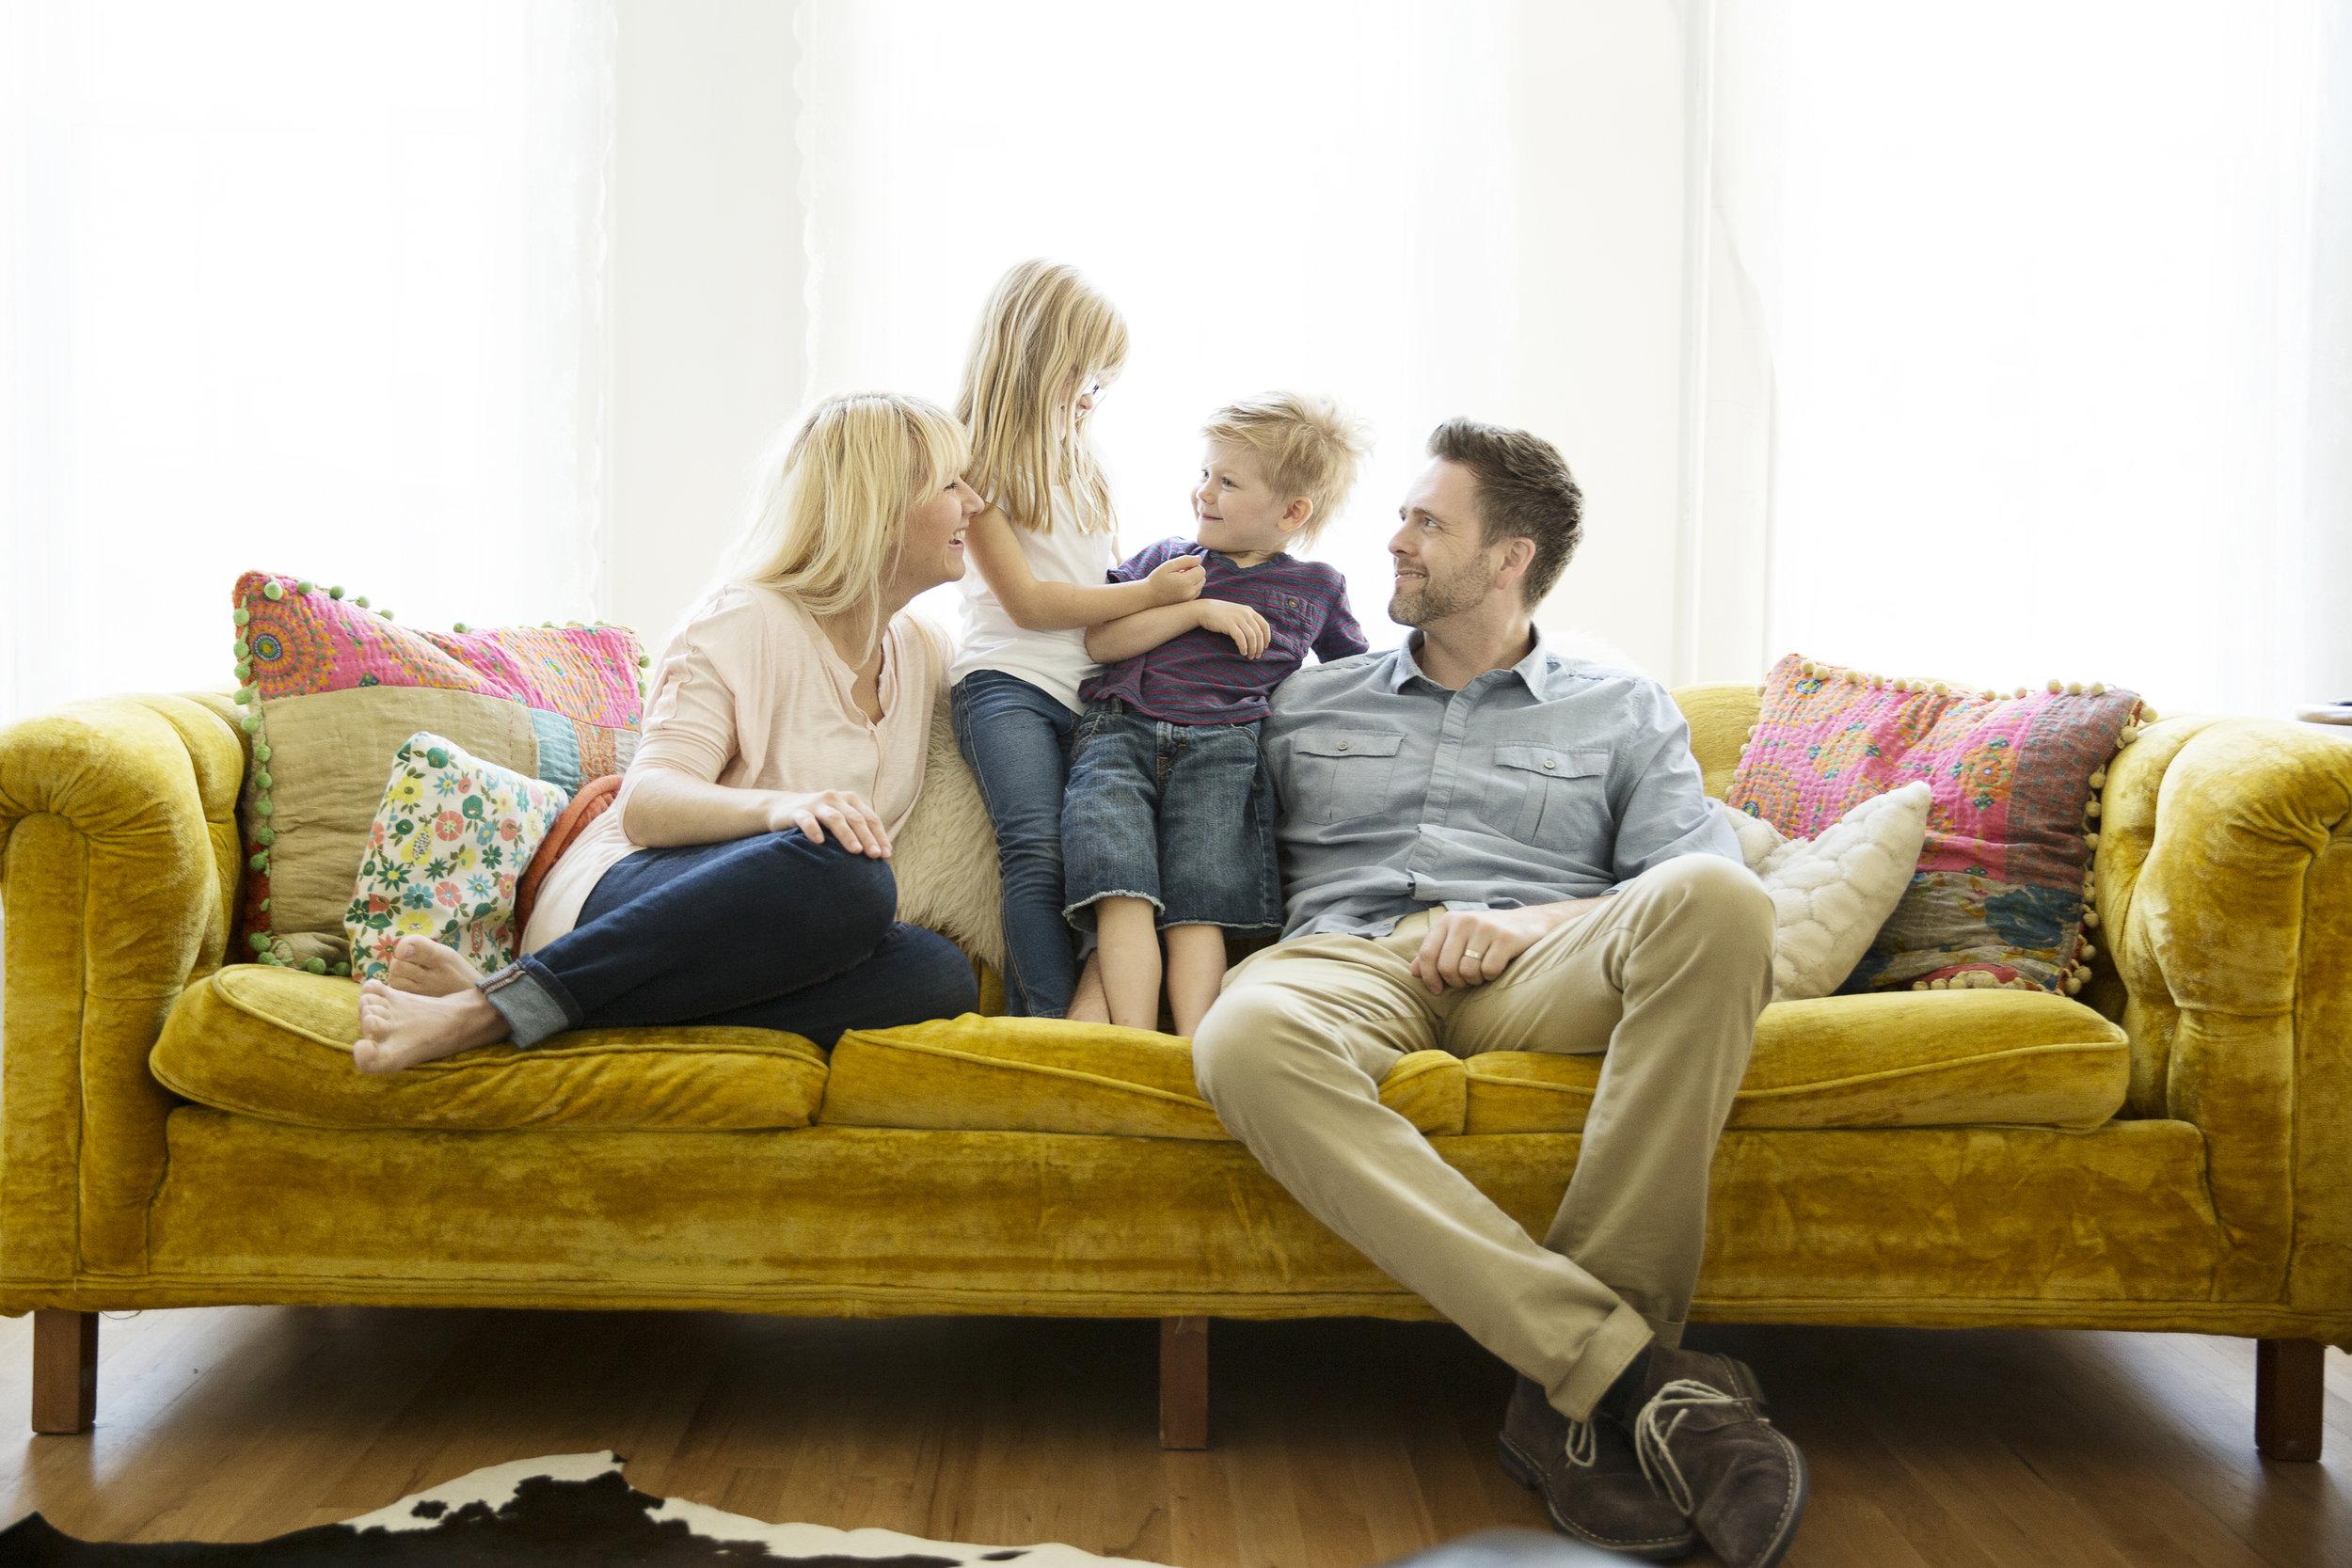 FREE eBOOK: 10 Essentials of an Emotionally Safe Parent